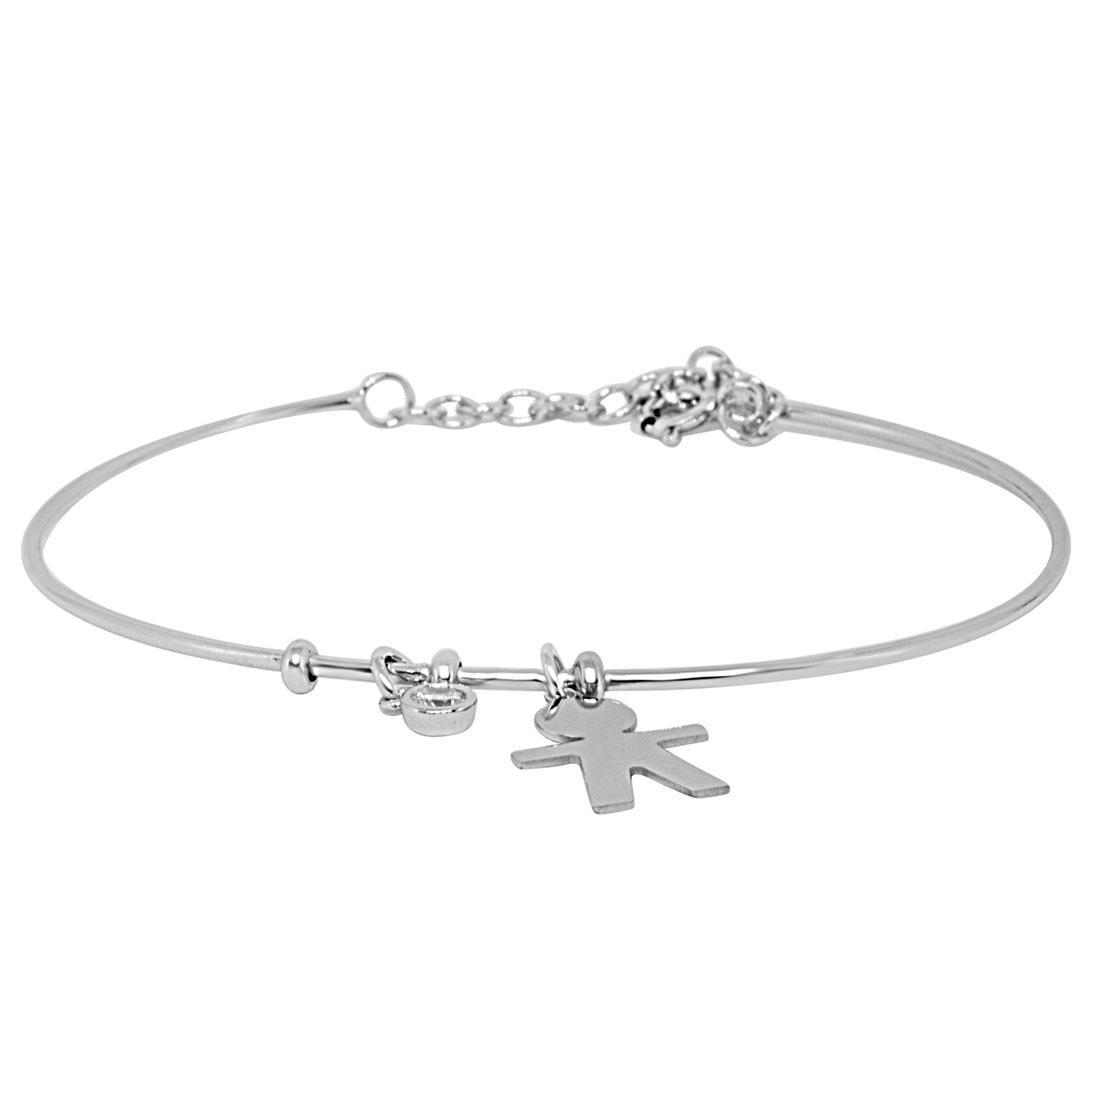 Bracciale in argento rodiato - ORO&CO 925